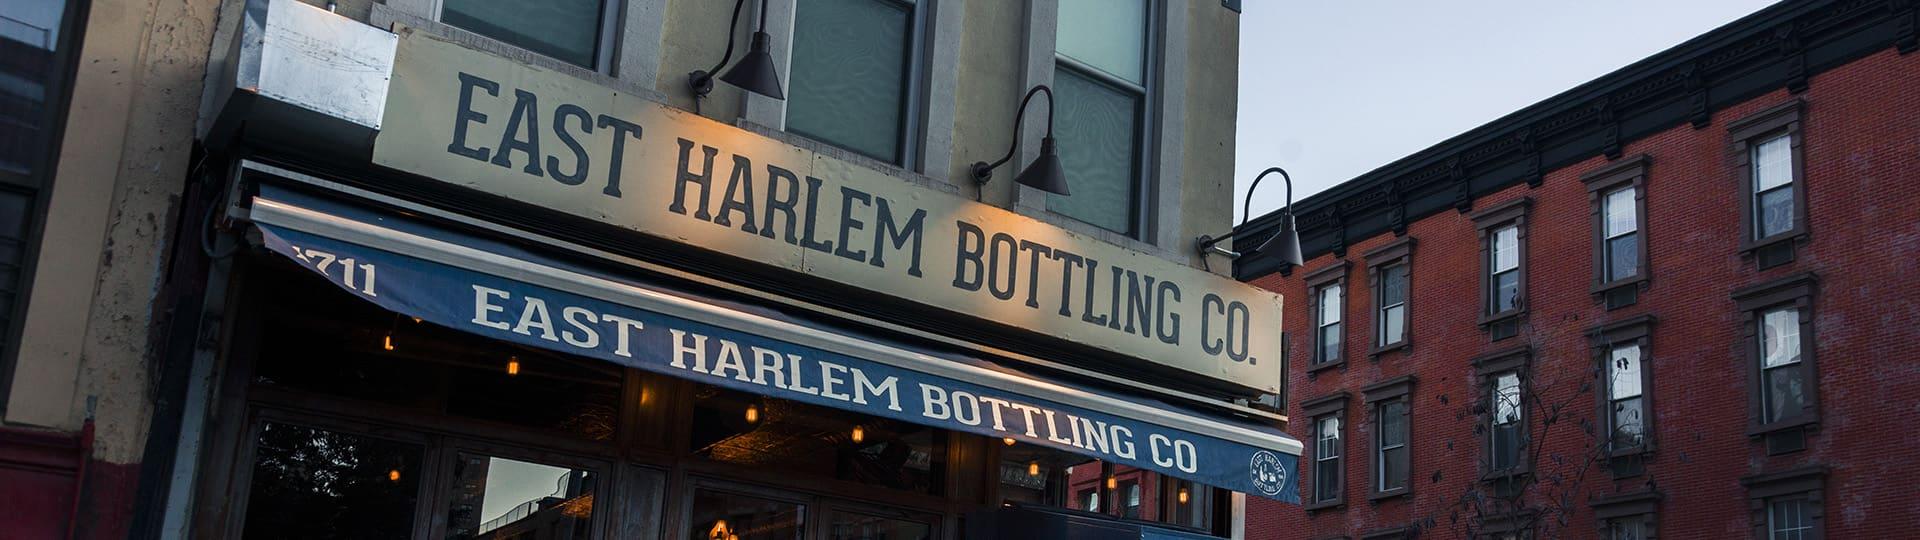 East Harlem, East Harlem Bottling Co,